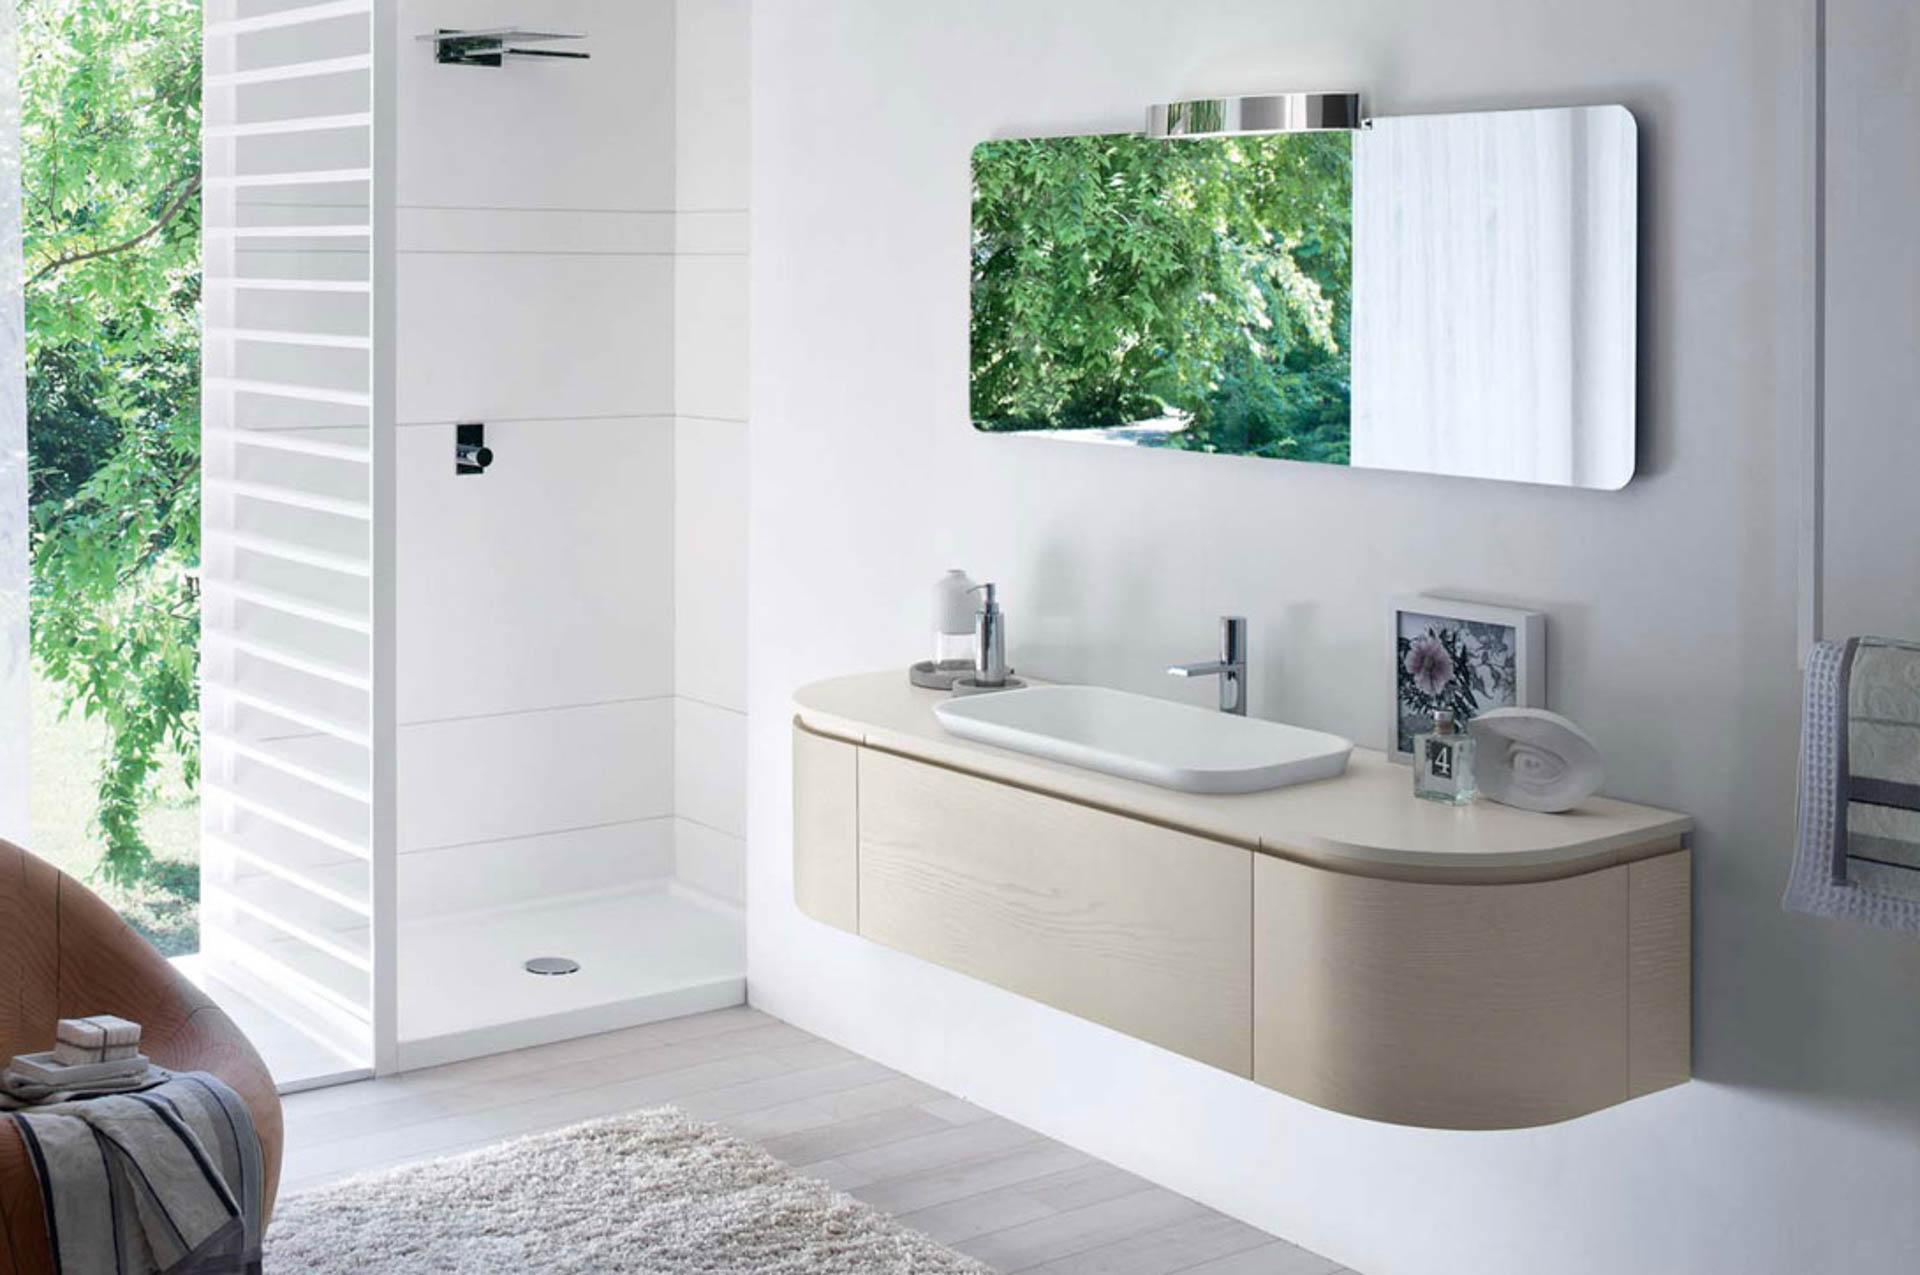 Il mobile bagno dalle forme morbide e lineari orsolini - Mobili bagno roma ...